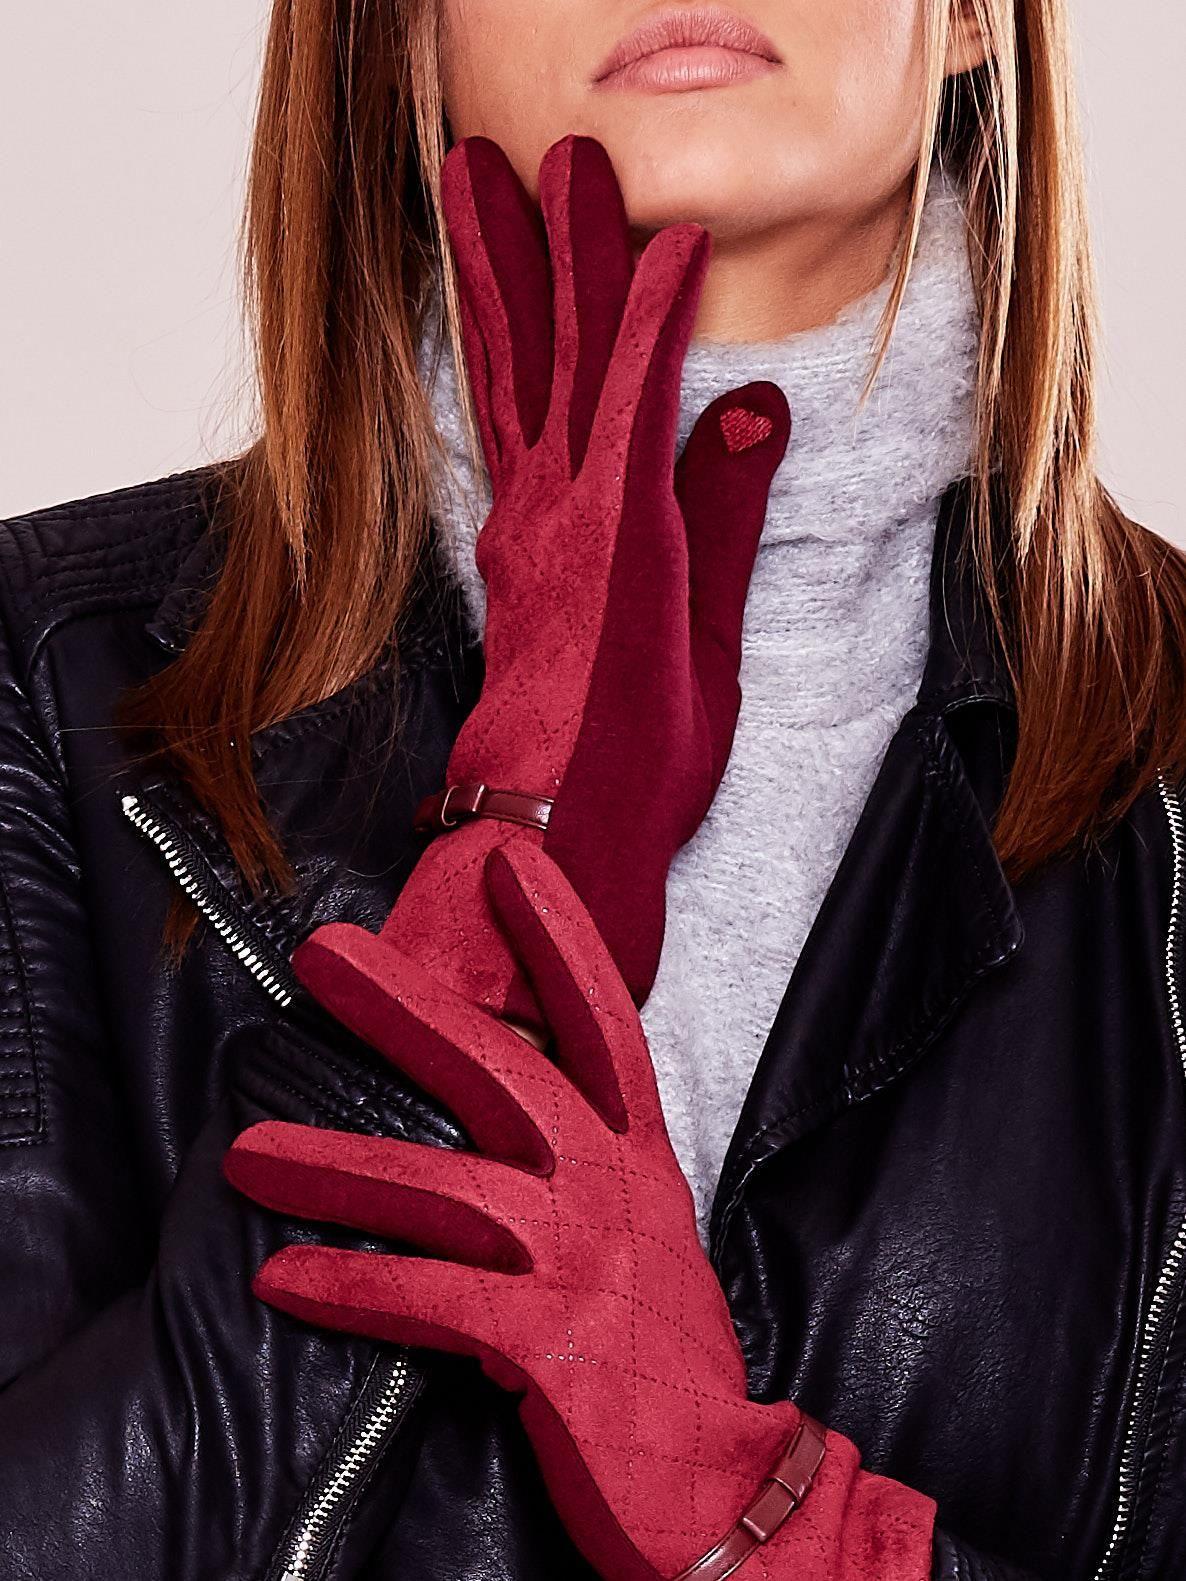 Teplé vínové rukavice s prolamovaným vzorem